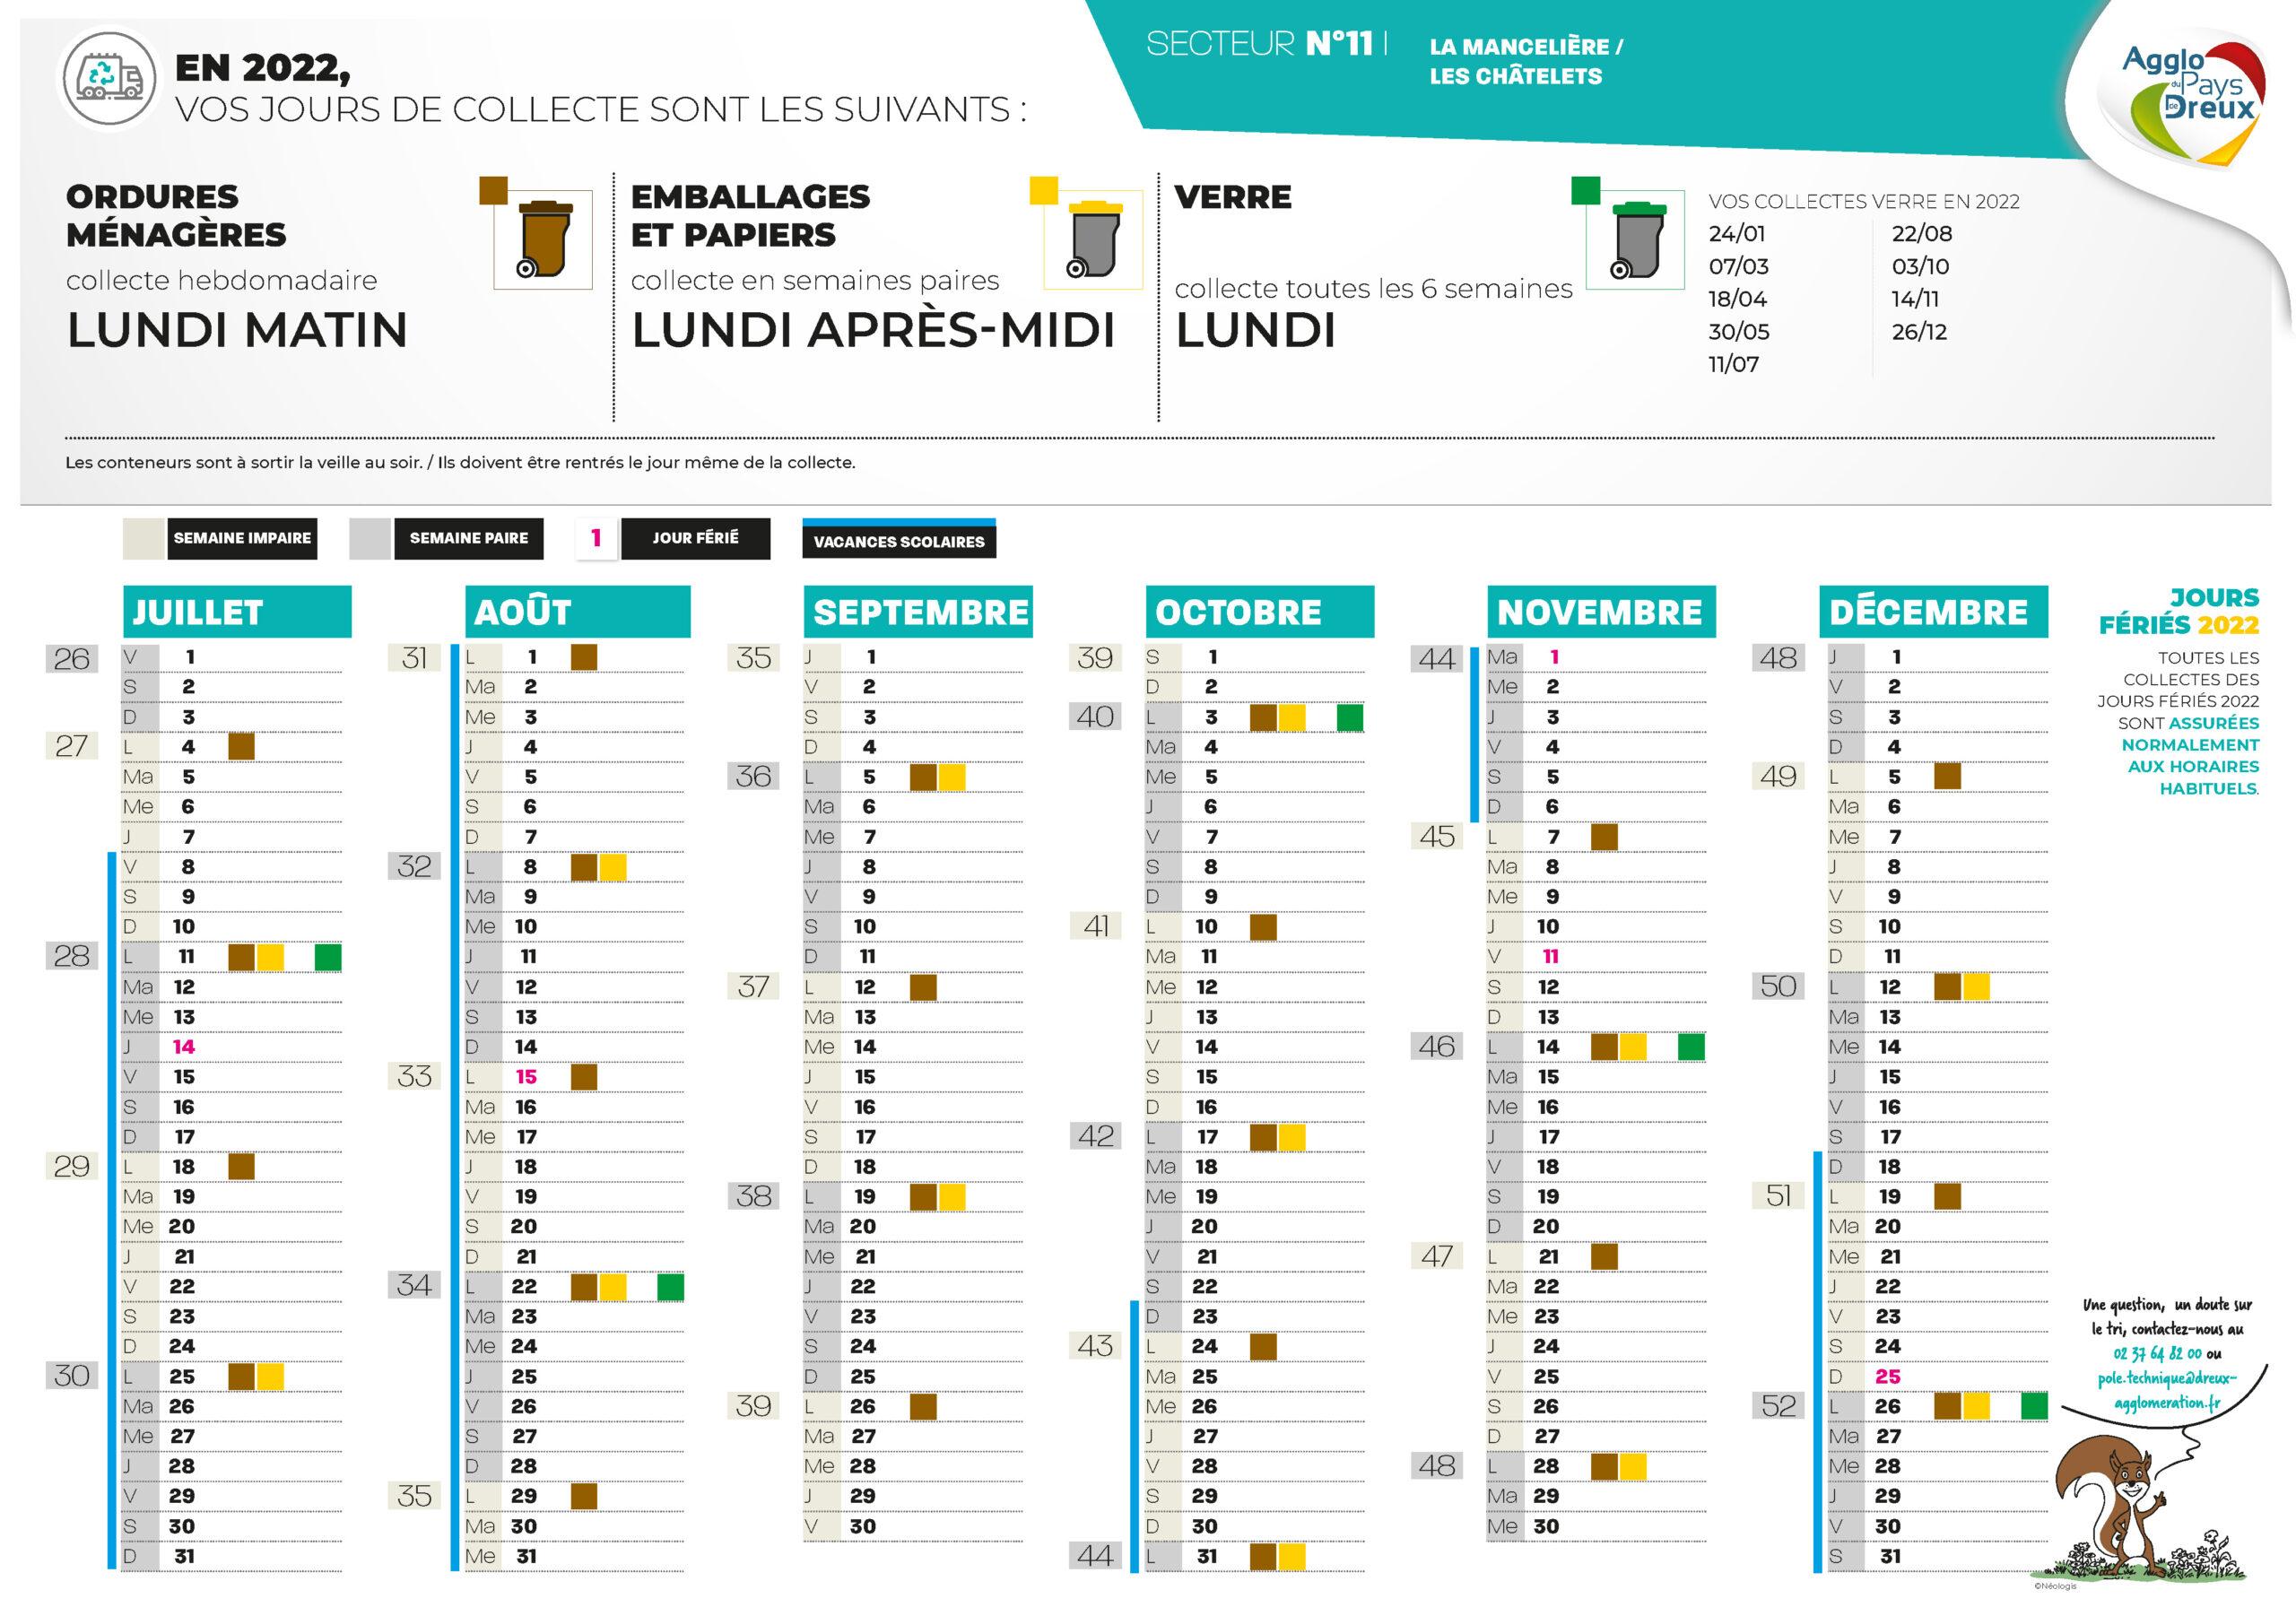 Calendrier-SECTEUR-11-consignes-de-tri